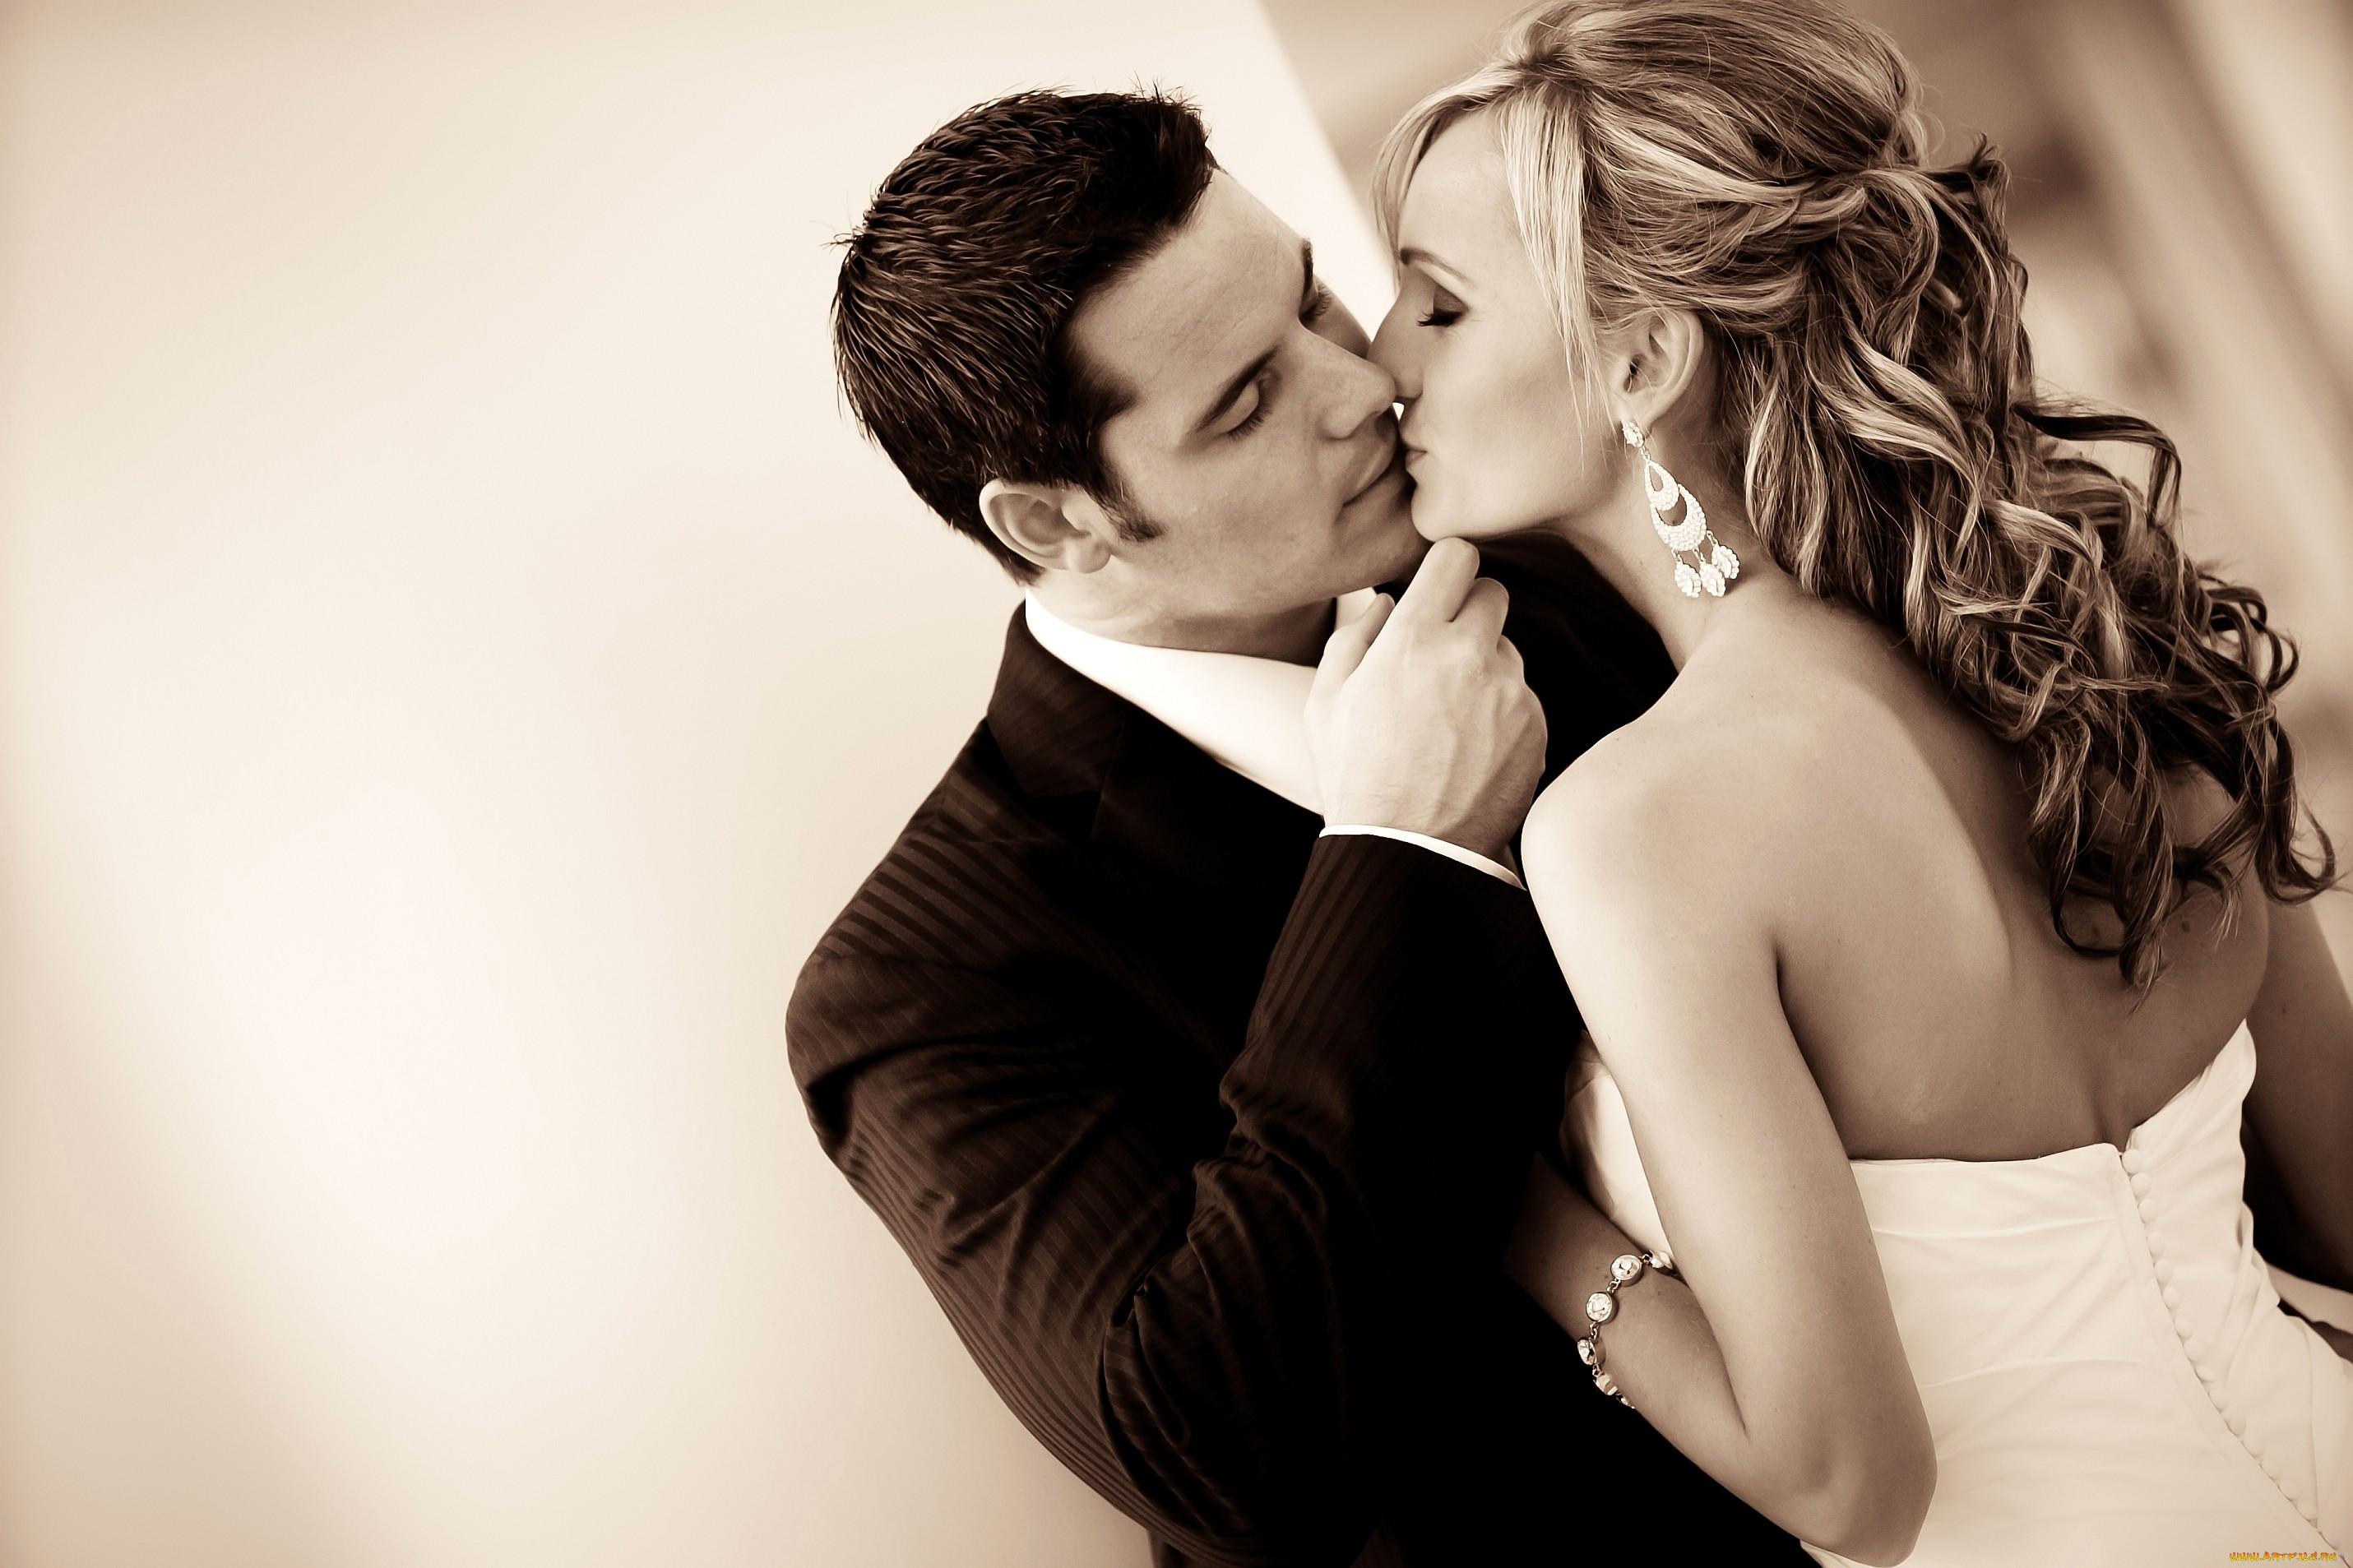 Мужчина и женщина целуются в картинках